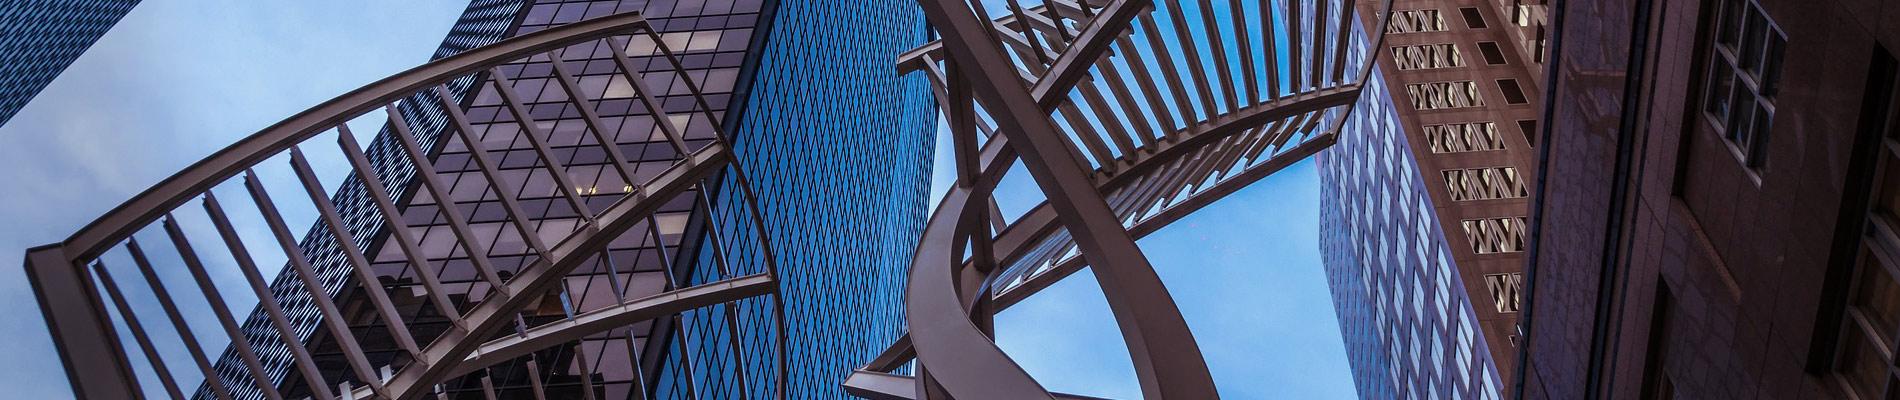 BIM 360 Revit Modeling for New York Based Real Estate Company